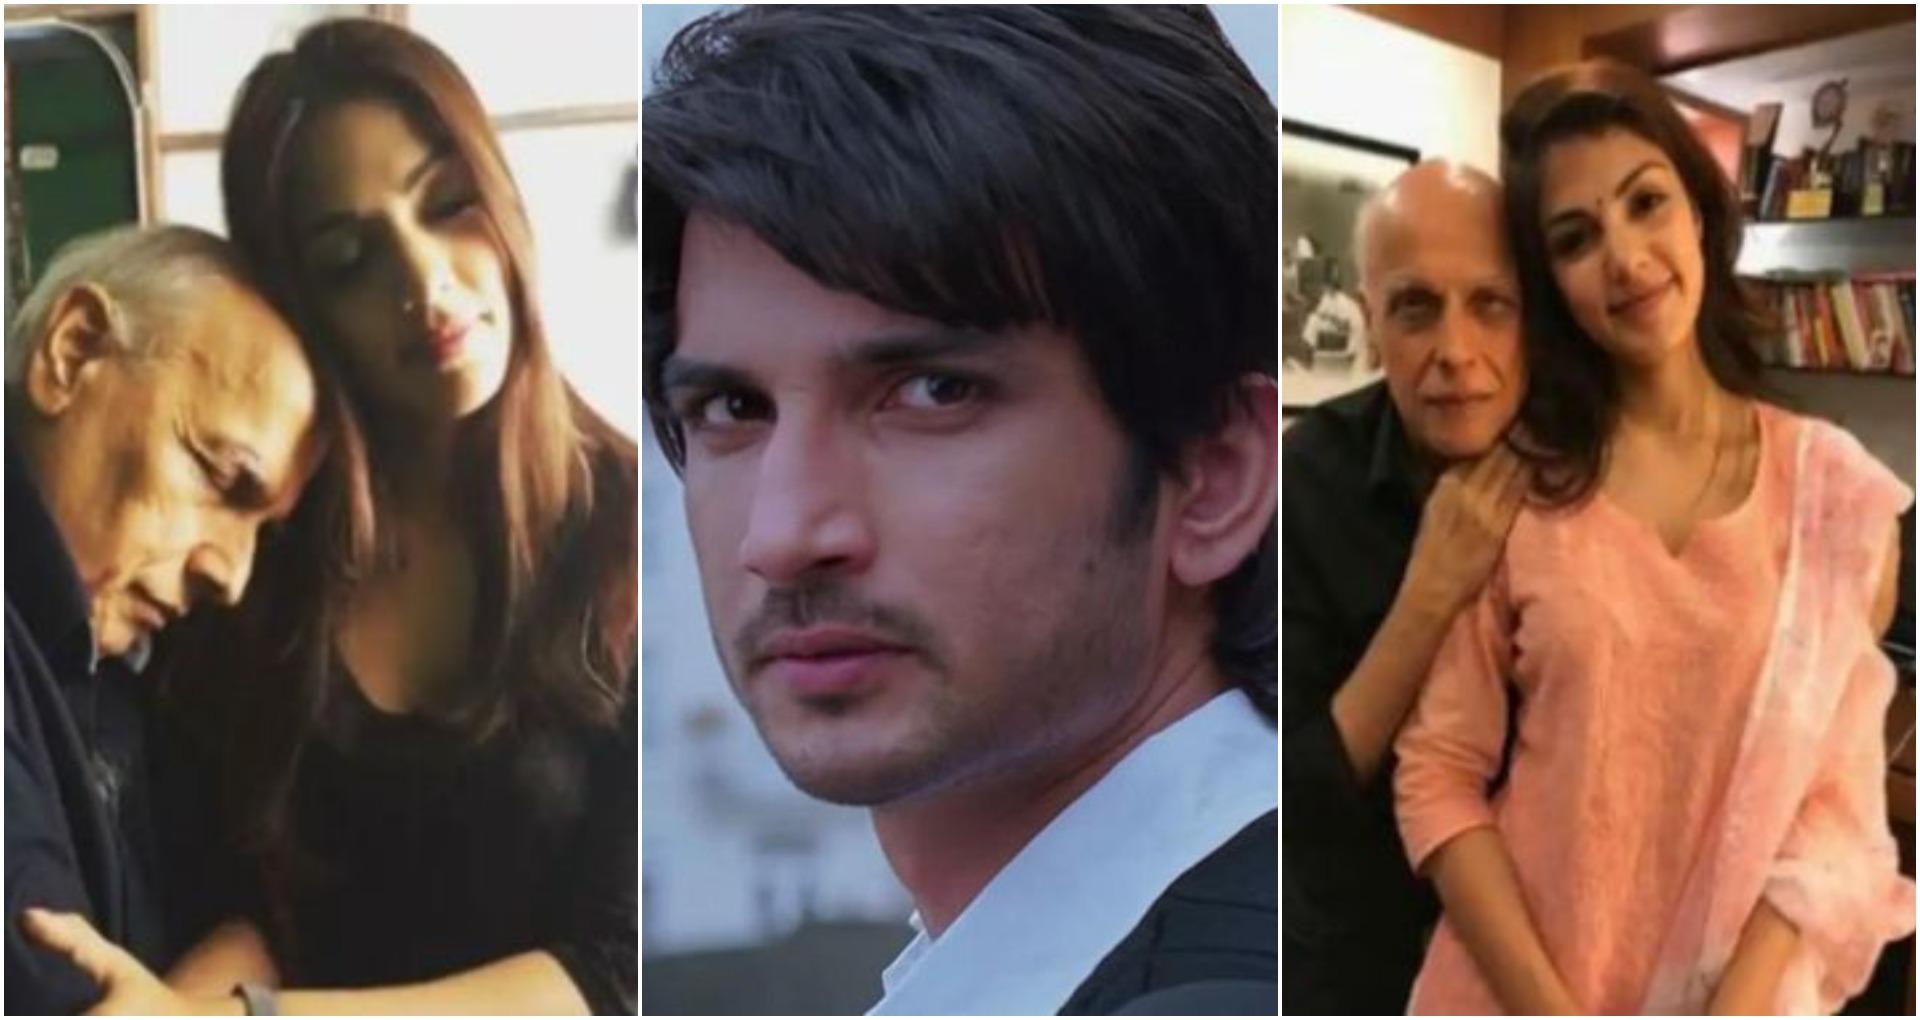 रिया-महेश भट्ट की व्हाट्सएप चैट आई सामने, महेश भट्ट के कहने पर तोड़ा सुशांत संग रिश्ता?